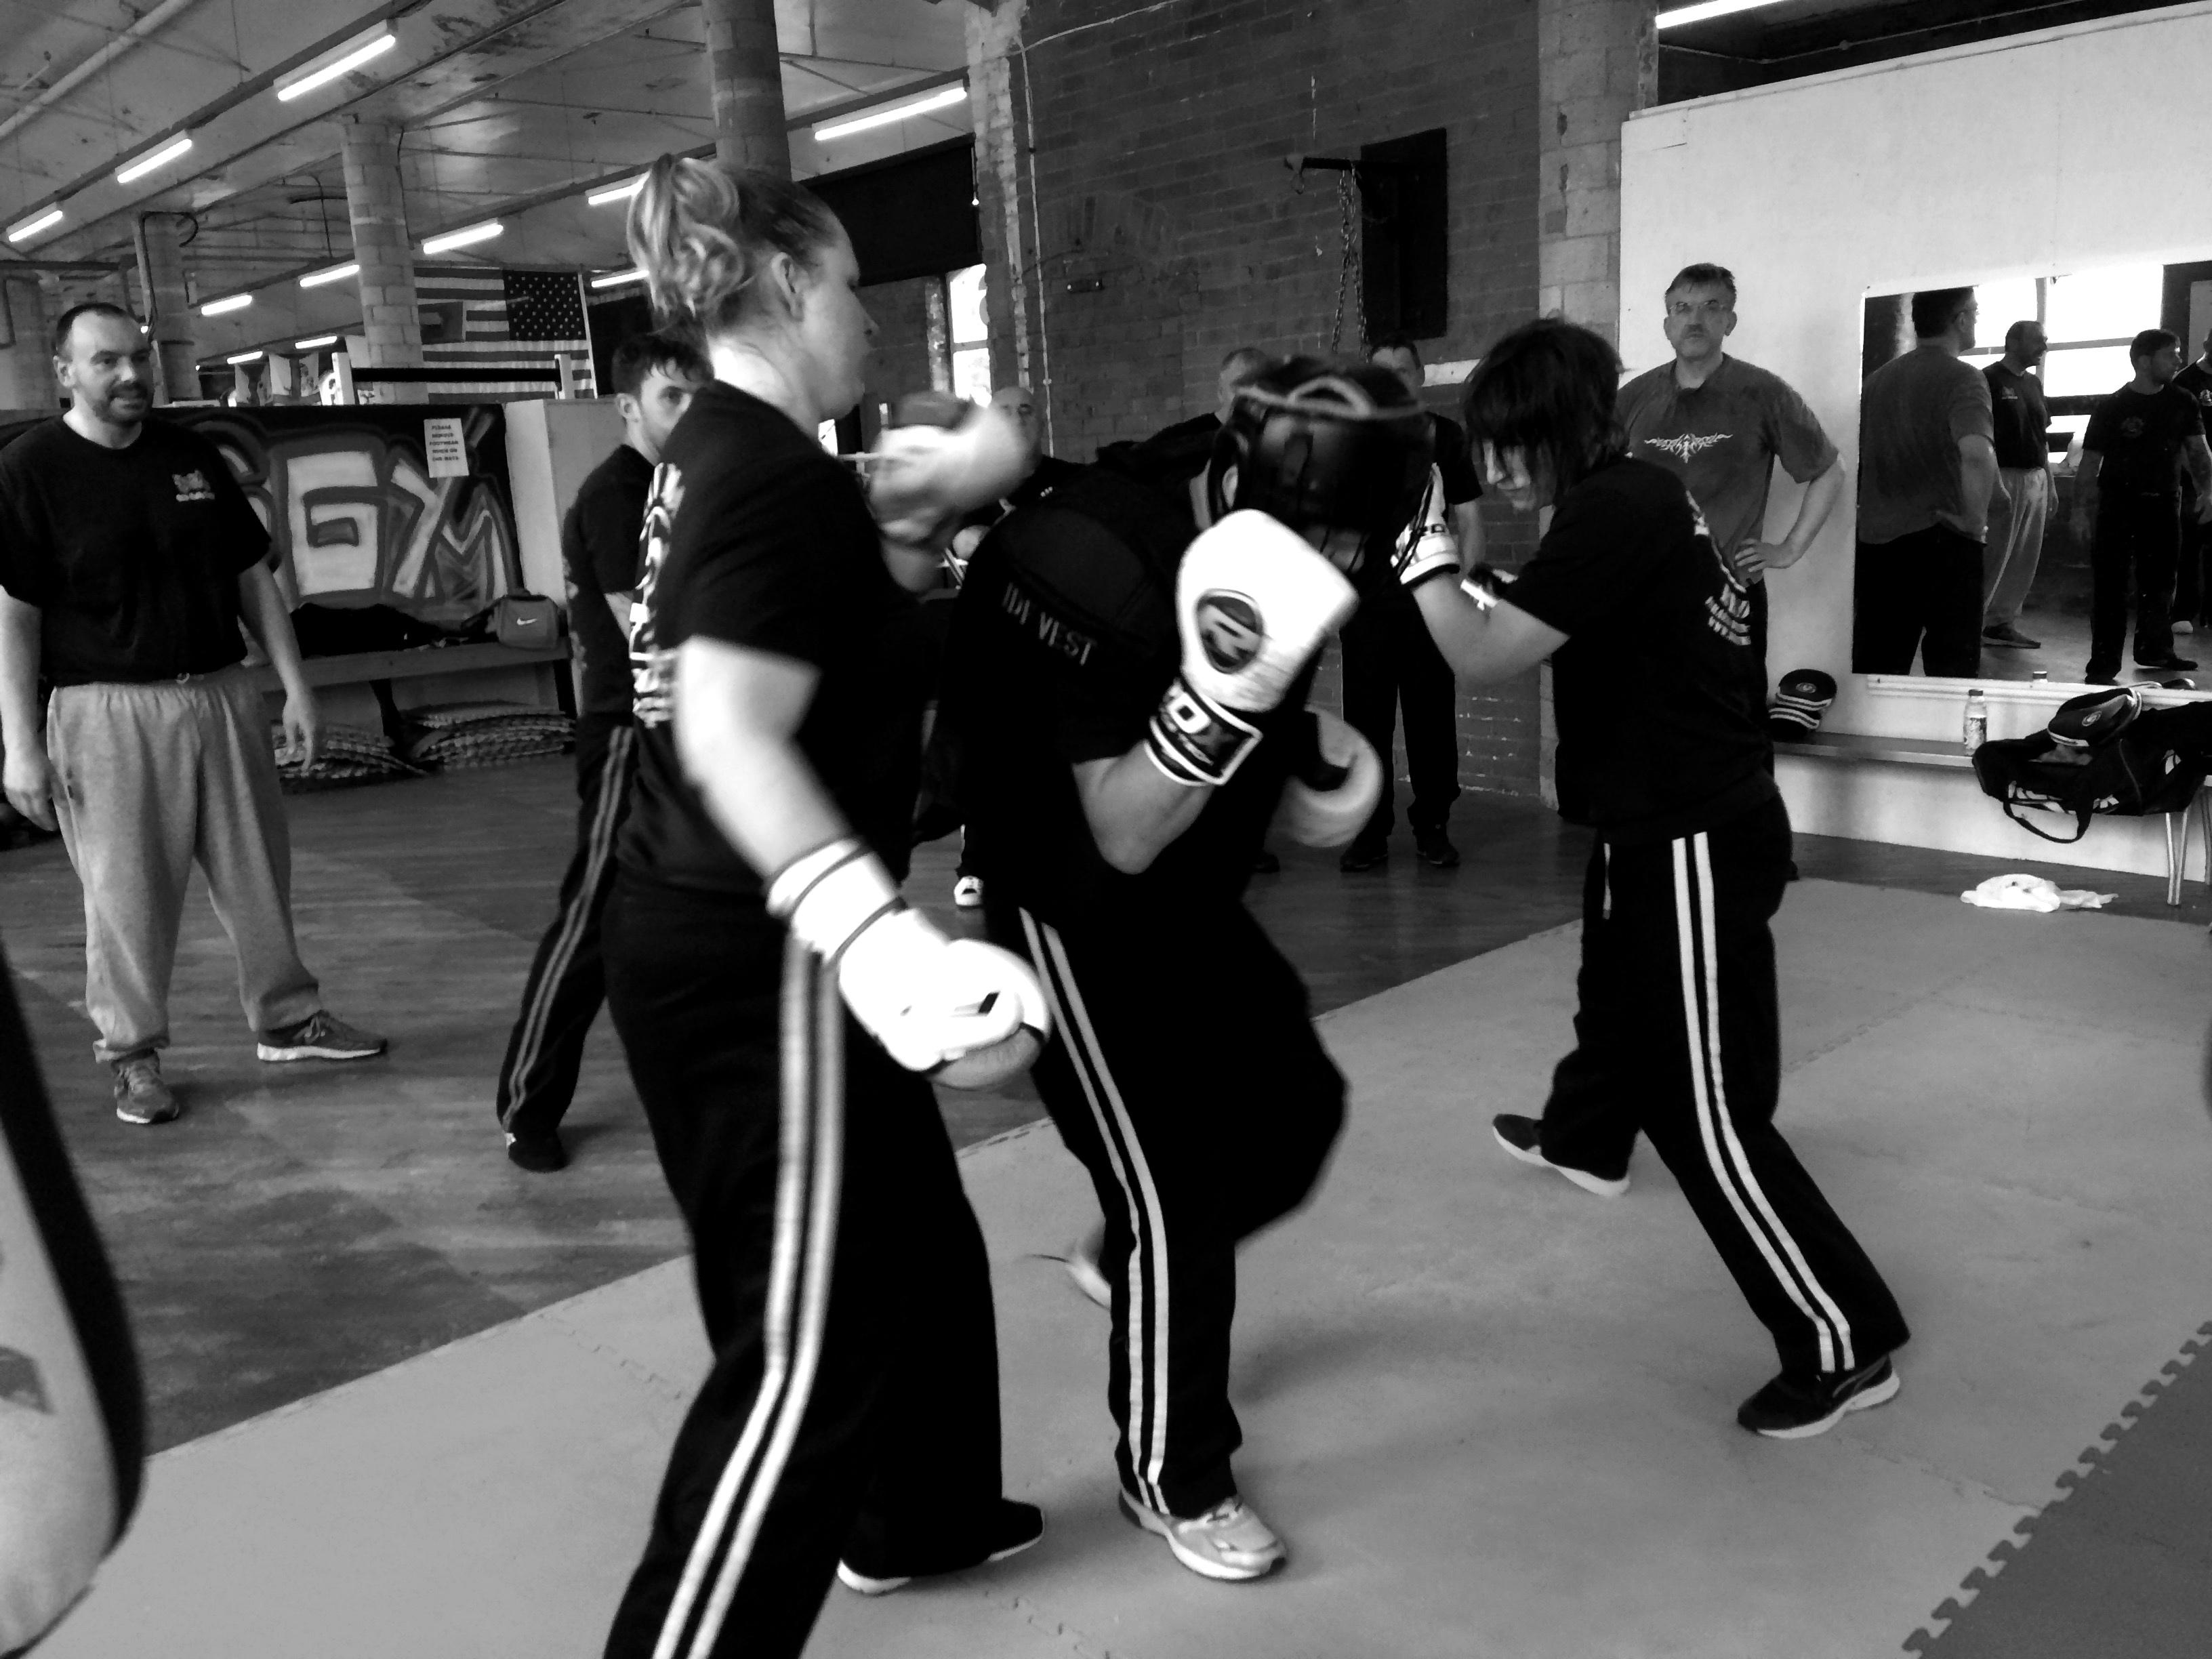 Training at Martial Krav Maga